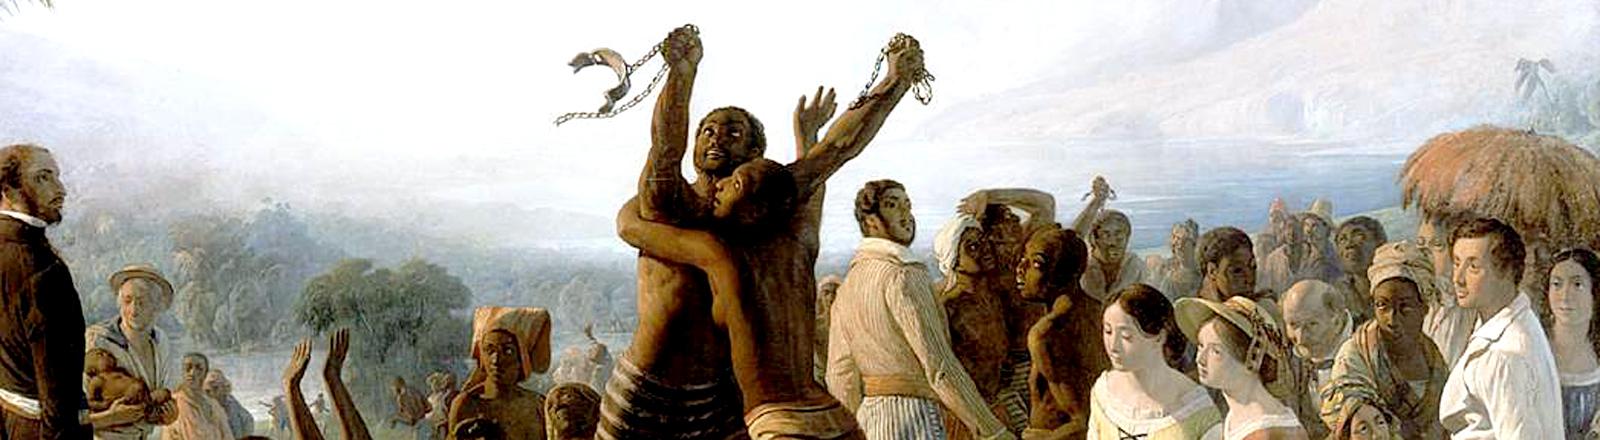 Ein Gemälde, das zwei Sklaven zeigt, die von Fesseln befreit sind.